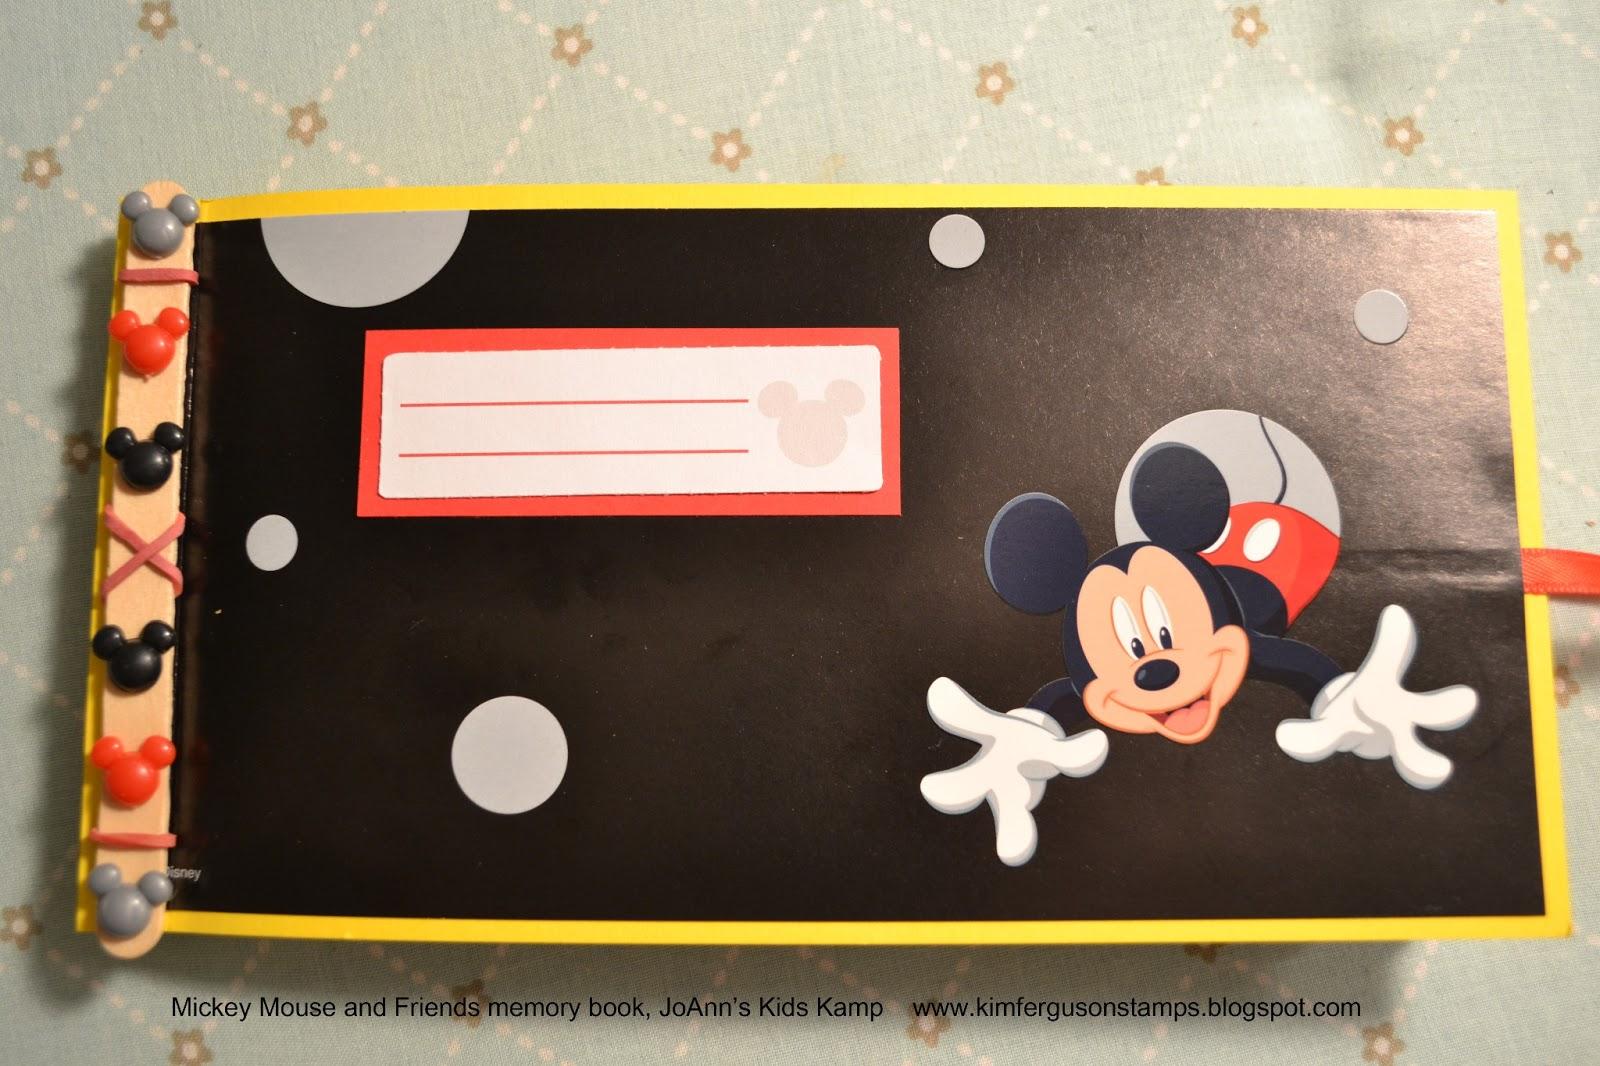 Papier Peint Mickey Mouse - 1930s Mickey Mouse Papier peint des années 70